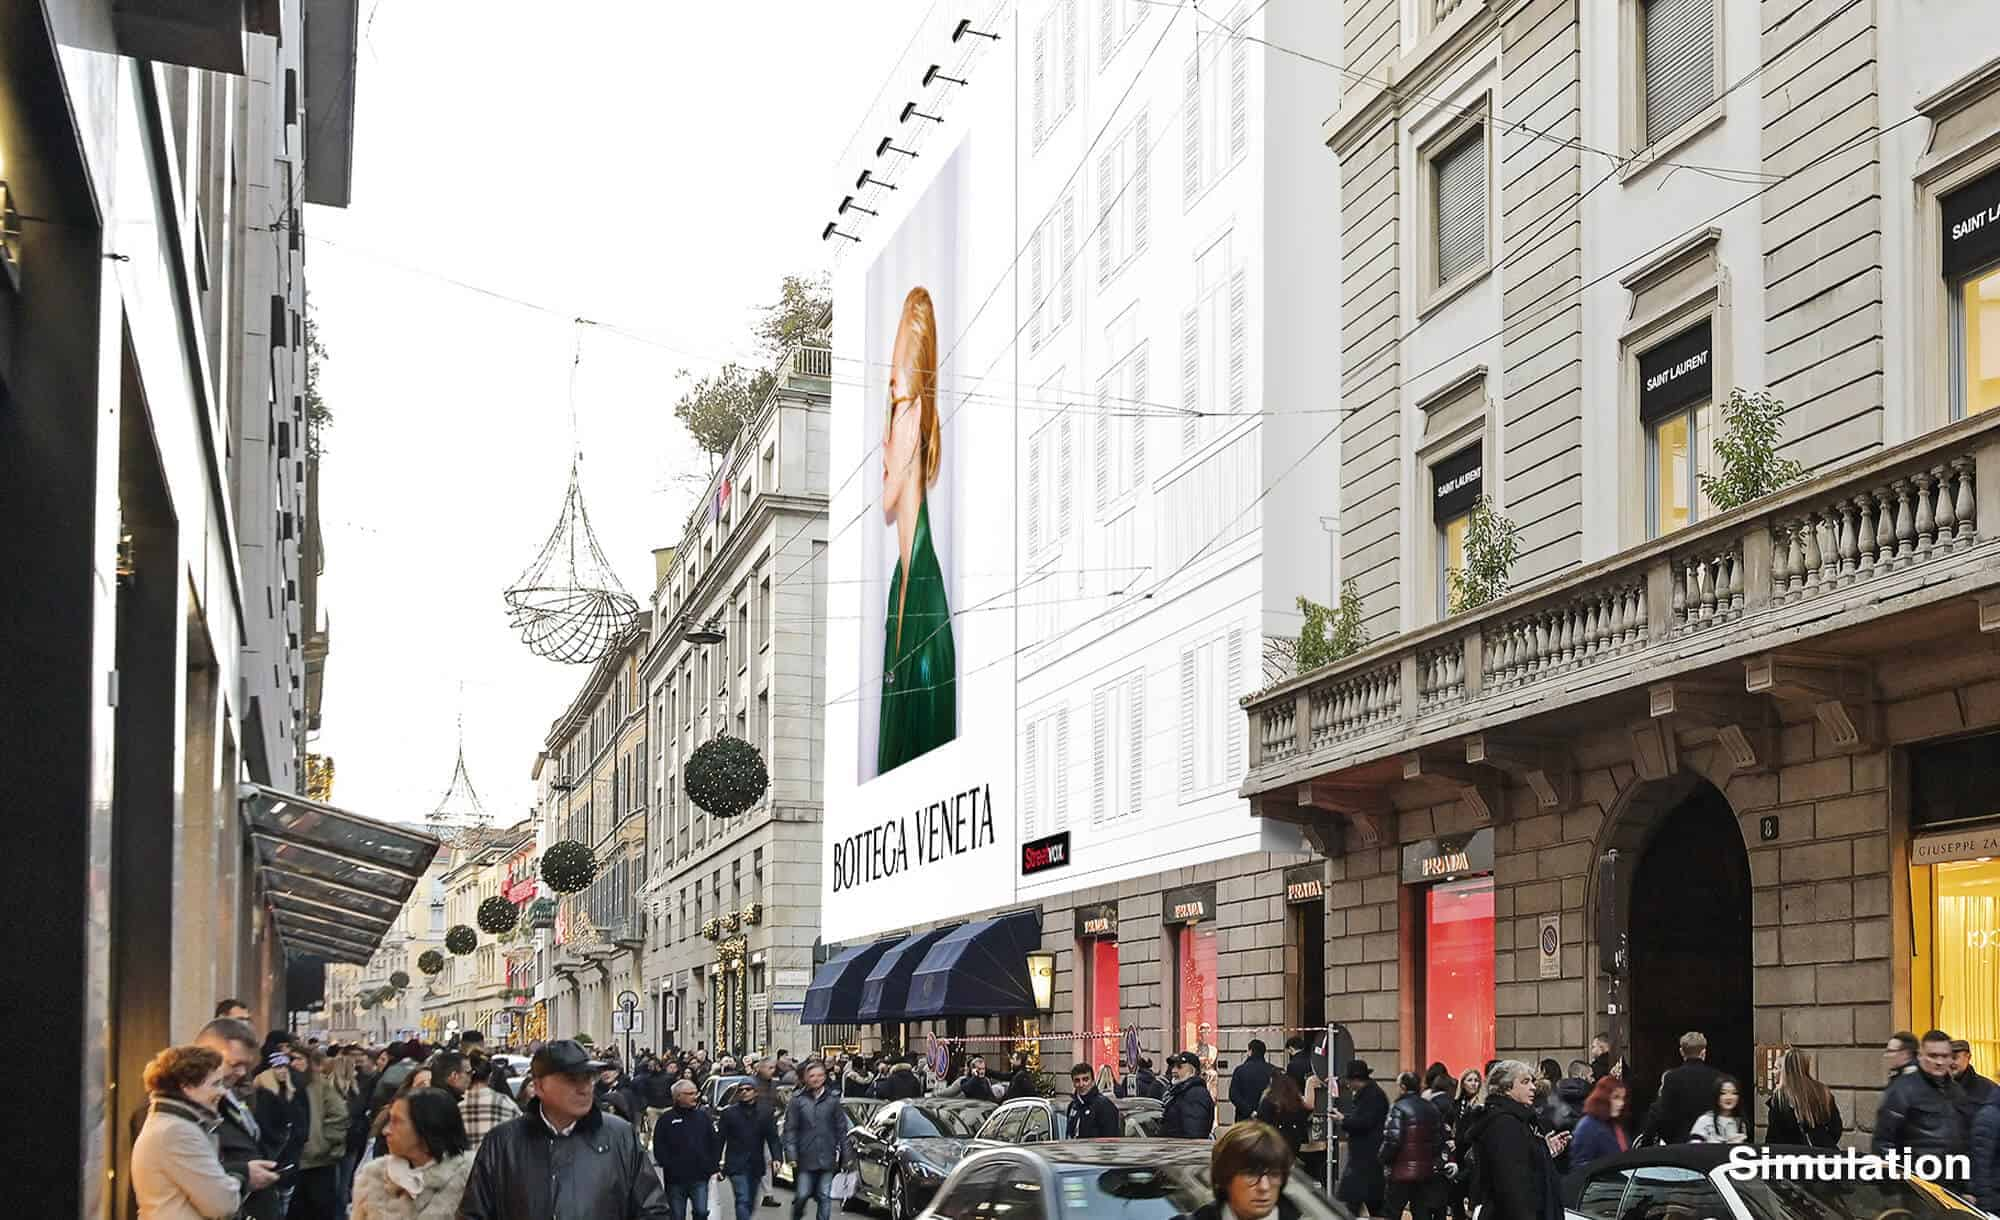 Maxi Affissione Streetvox Via Monte Napoleone 8 a Milano con Bottega Veneta (Fashion)